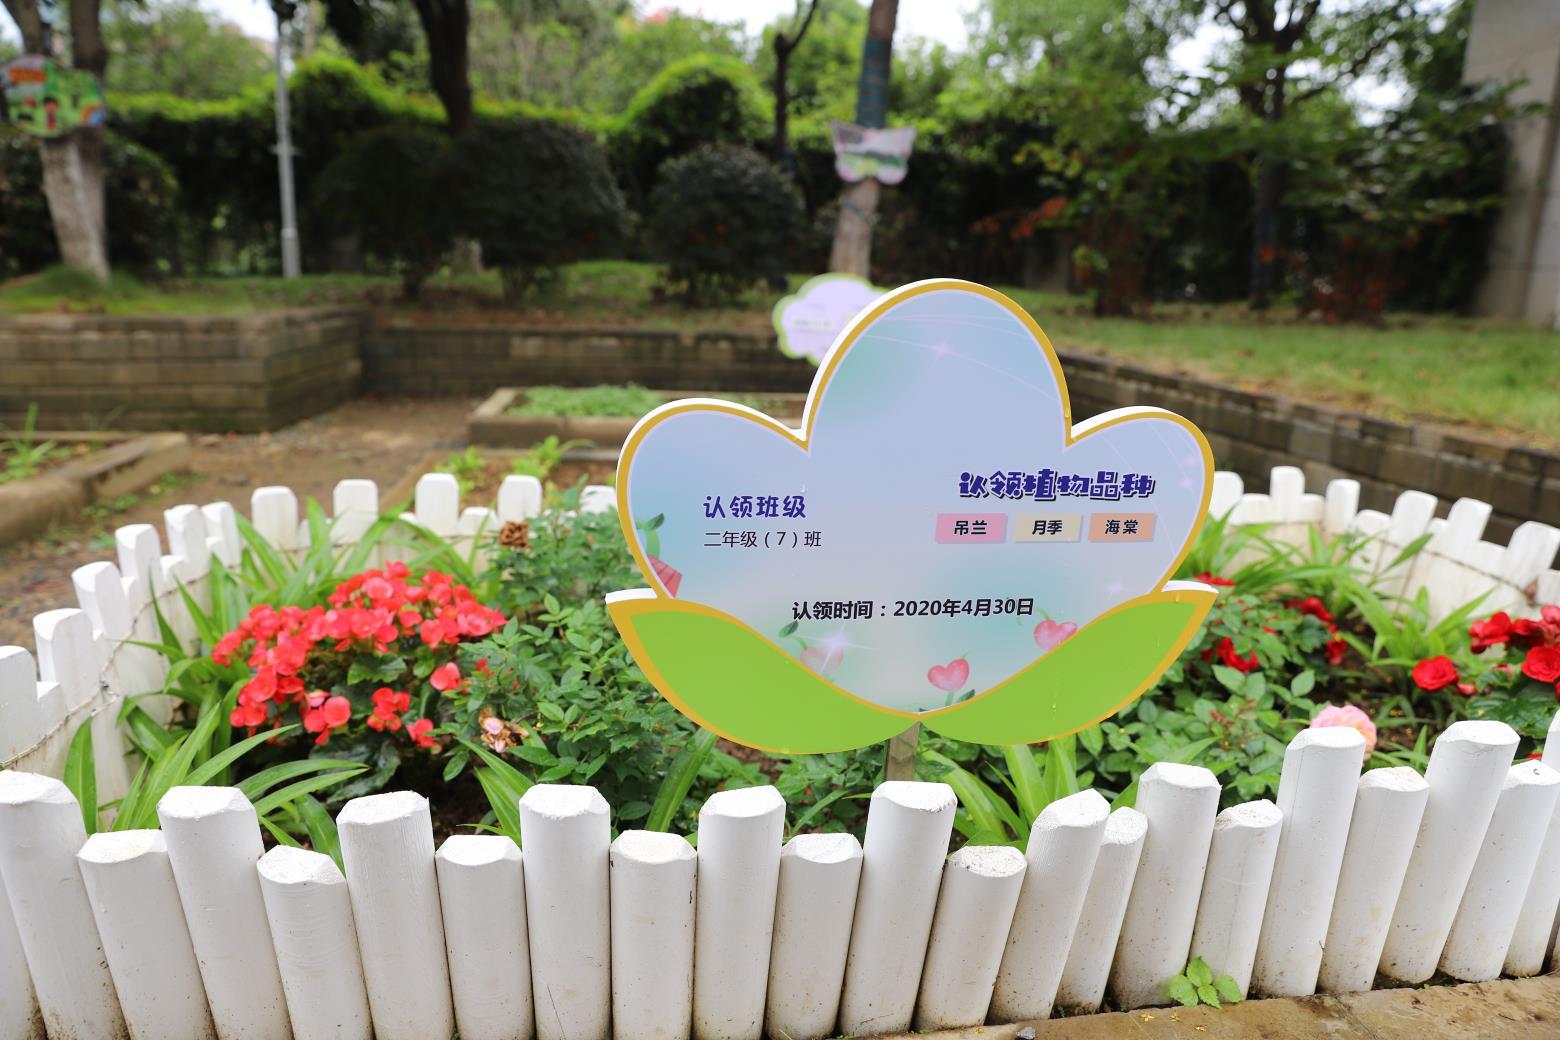 湖南省风景园林学会2020年全国科普日活动简报